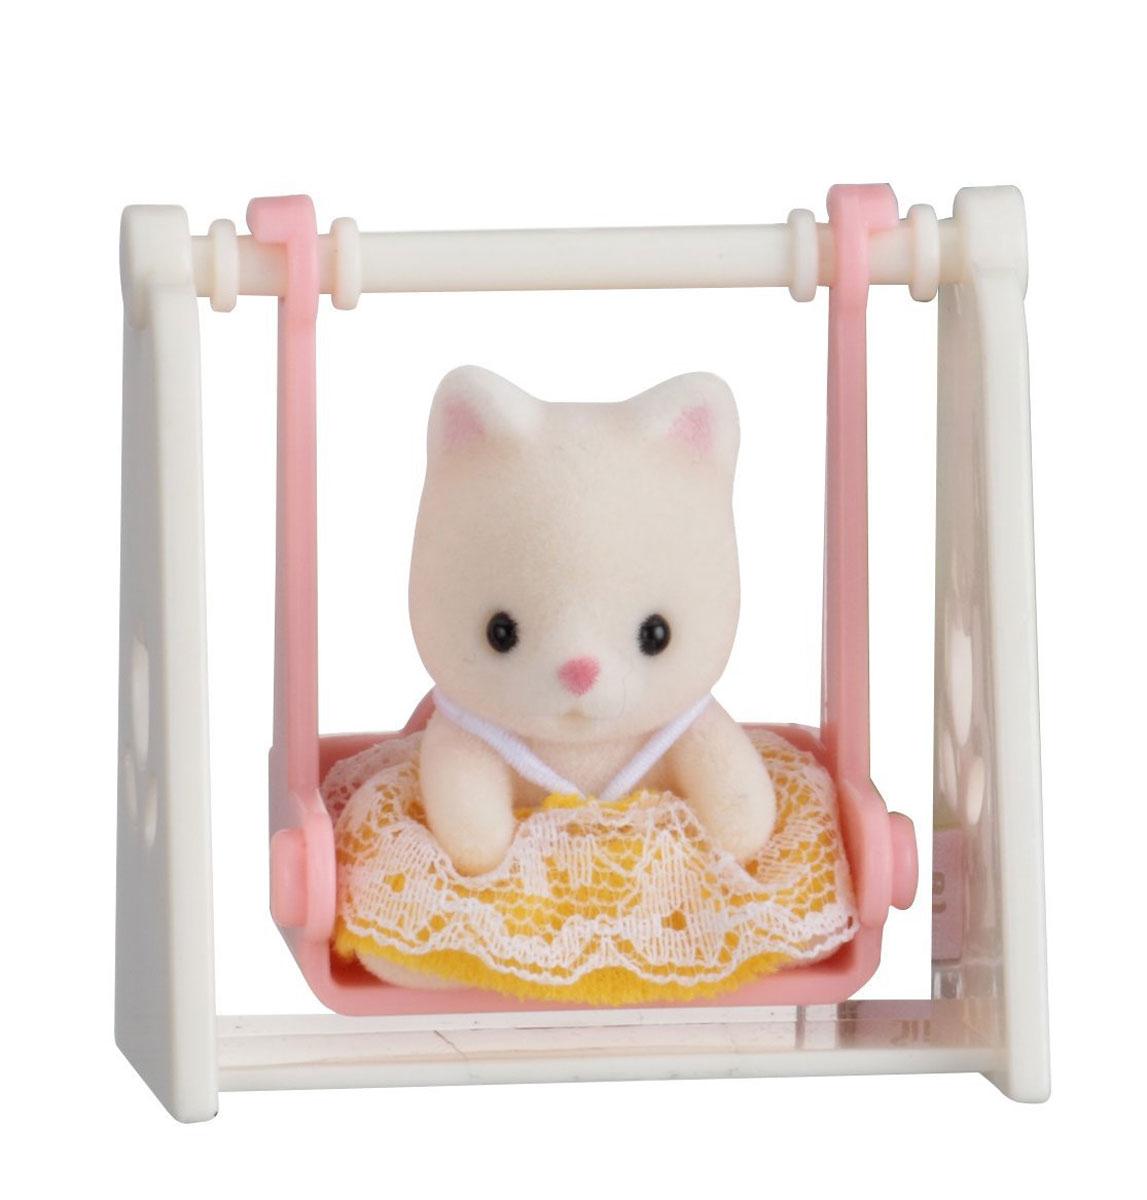 Sylvanian Families Фигурка Малыш котенок на качелях5201Славная фигурка Sylvanian Families Малыш котенок на качелях сможет прекрасно дополнить коллекцию Sylvanian Families. Кошечка одета в прелестное желтое платье с кружевами. Платьице легко снимается с игрушки, ребенок сможет одеть кошечку в любой наряд. К фигурке прилагаются чудесные розовые качели, на которых персонаж очень любит качаться. Все элементы выполнены с невероятной тщательностью из безопасных материалов. Компания Sylvanian Families была основана в 1985 году, в Японии. Sylvanian Families очень популярна в Европе и Азии и, за долгие годы существования, компания смогла добиться больших успехов. 3 года подряд в Англии бренд Sylvanian Families был признан Игрушкой Года. Сегодня у героев Sylvanian Families есть собственное шоу, полнометражный мультфильм и сеть ресторанов, работающая по всей Японии. Sylvanian Families - это целый мир маленьких жителей, объединенных общей легендой. Жители страны Sylvanian Families - это кролики,...